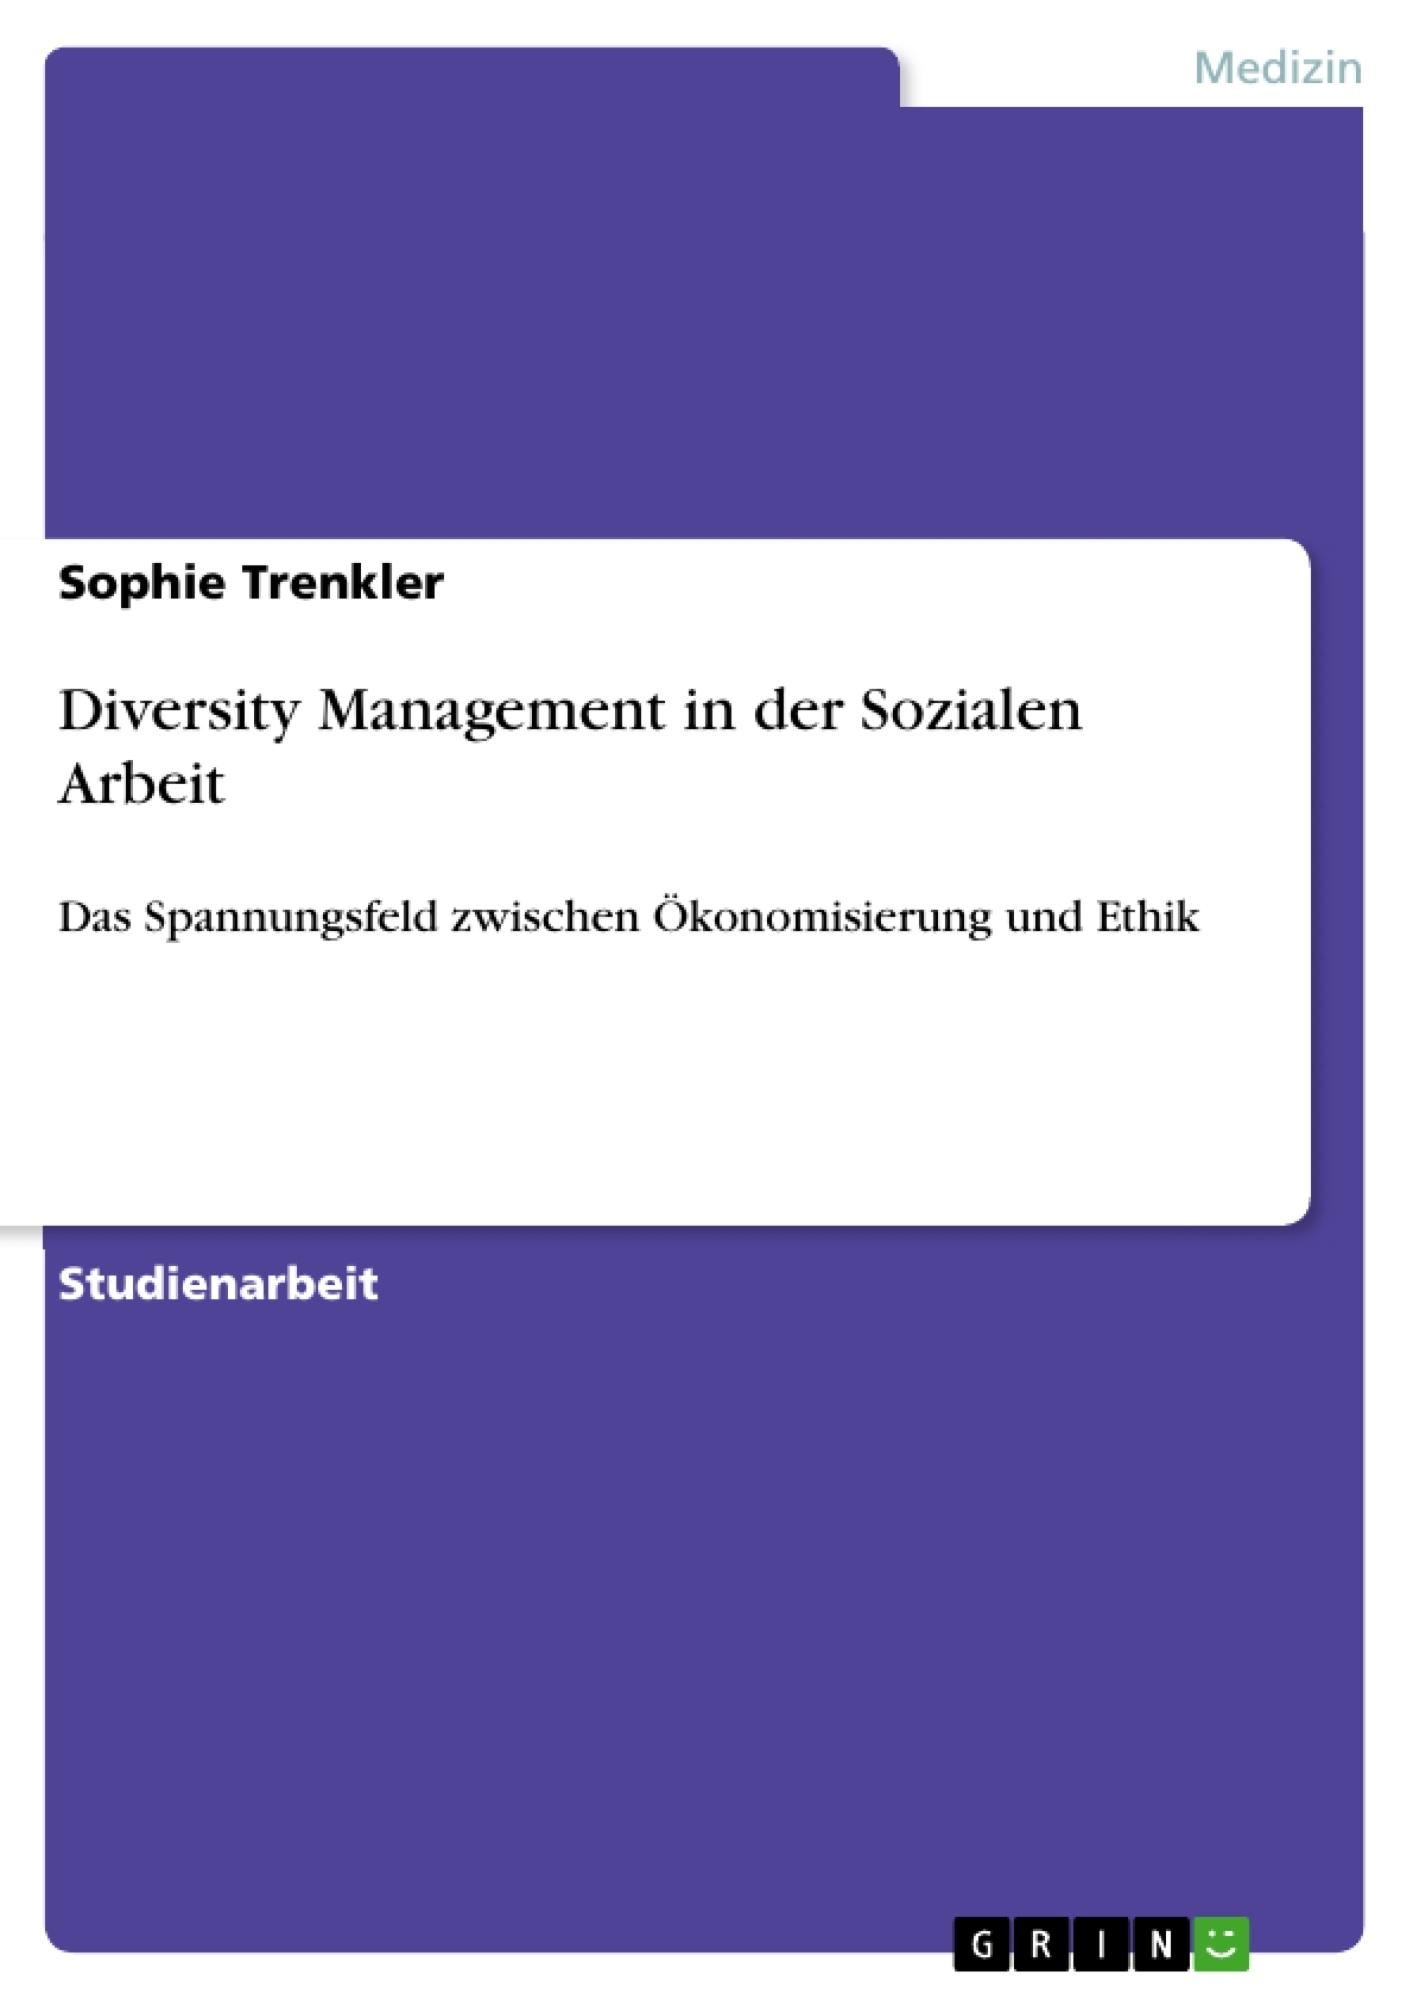 Titel: Diversity Management in der Sozialen Arbeit